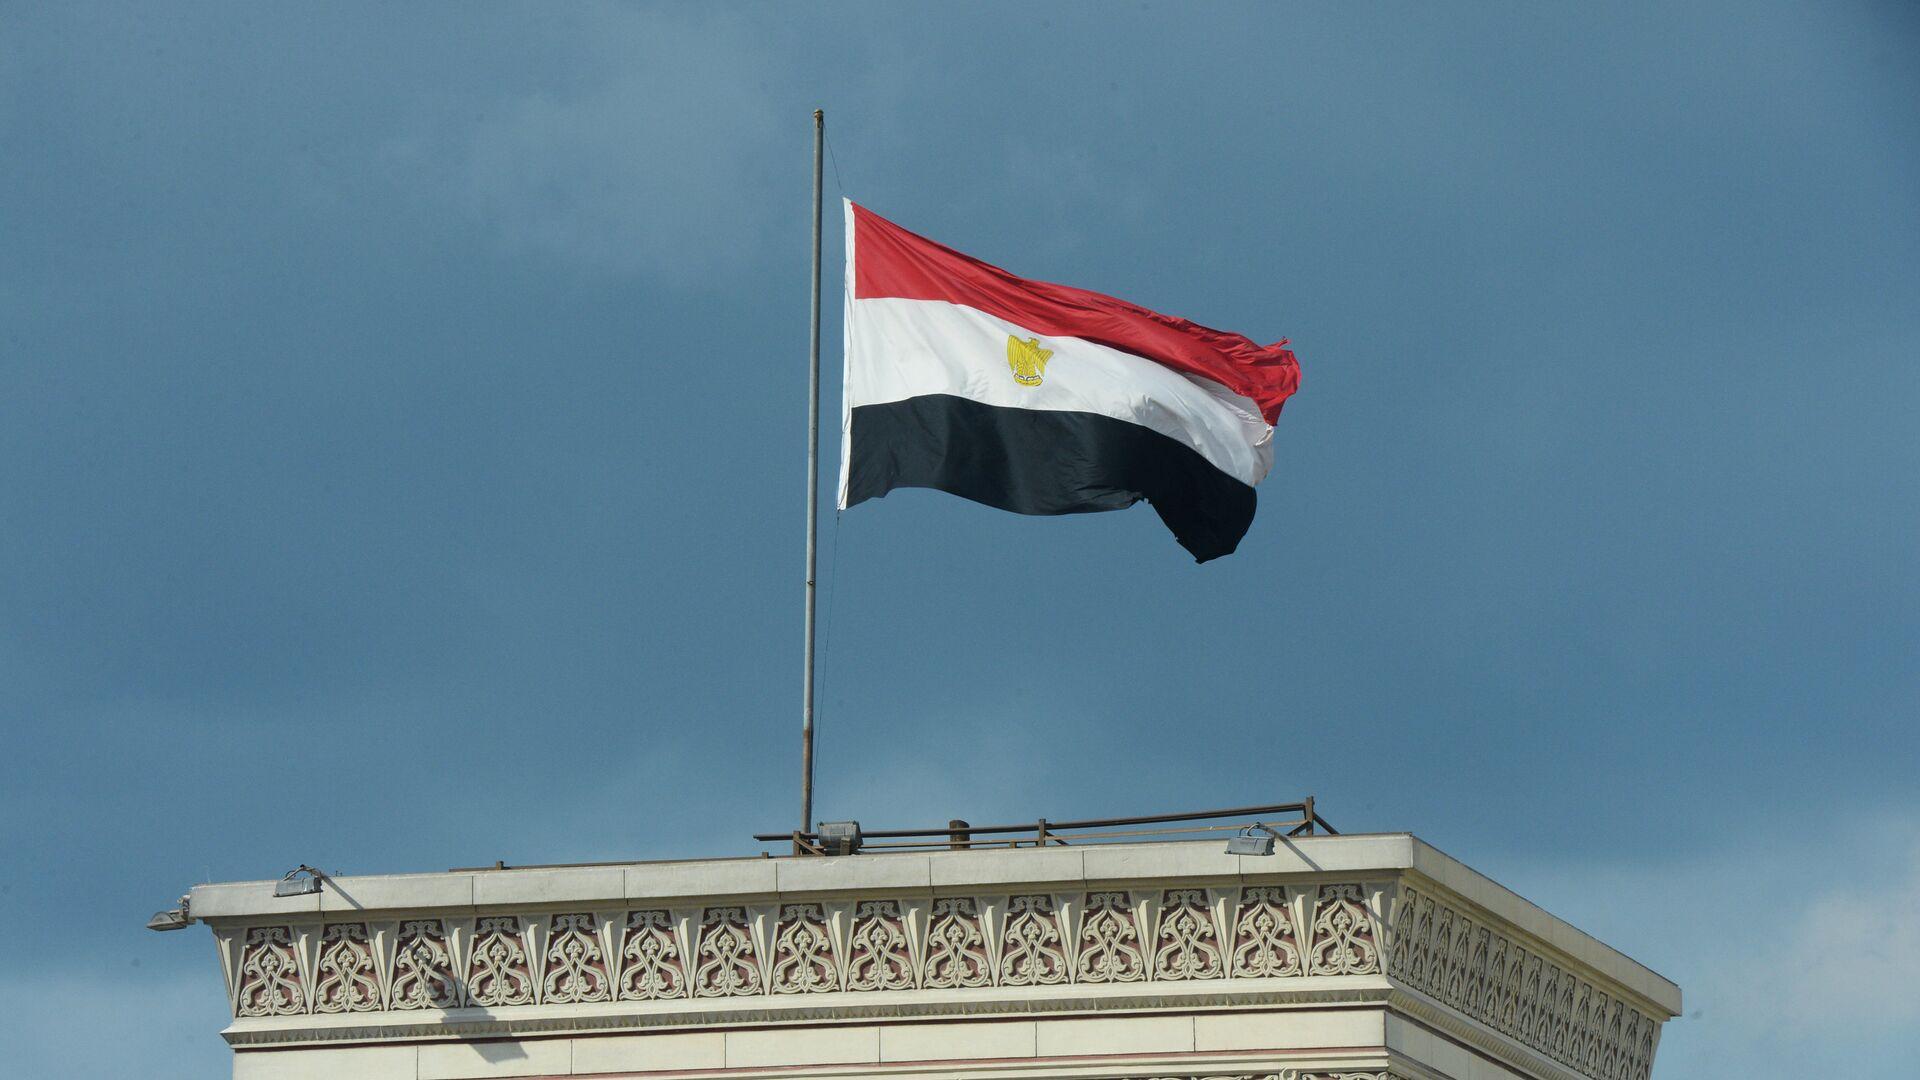 Η σημαία της Αιγύπτου σε κτήριο του Καΐρου - Sputnik Ελλάδα, 1920, 05.10.2021